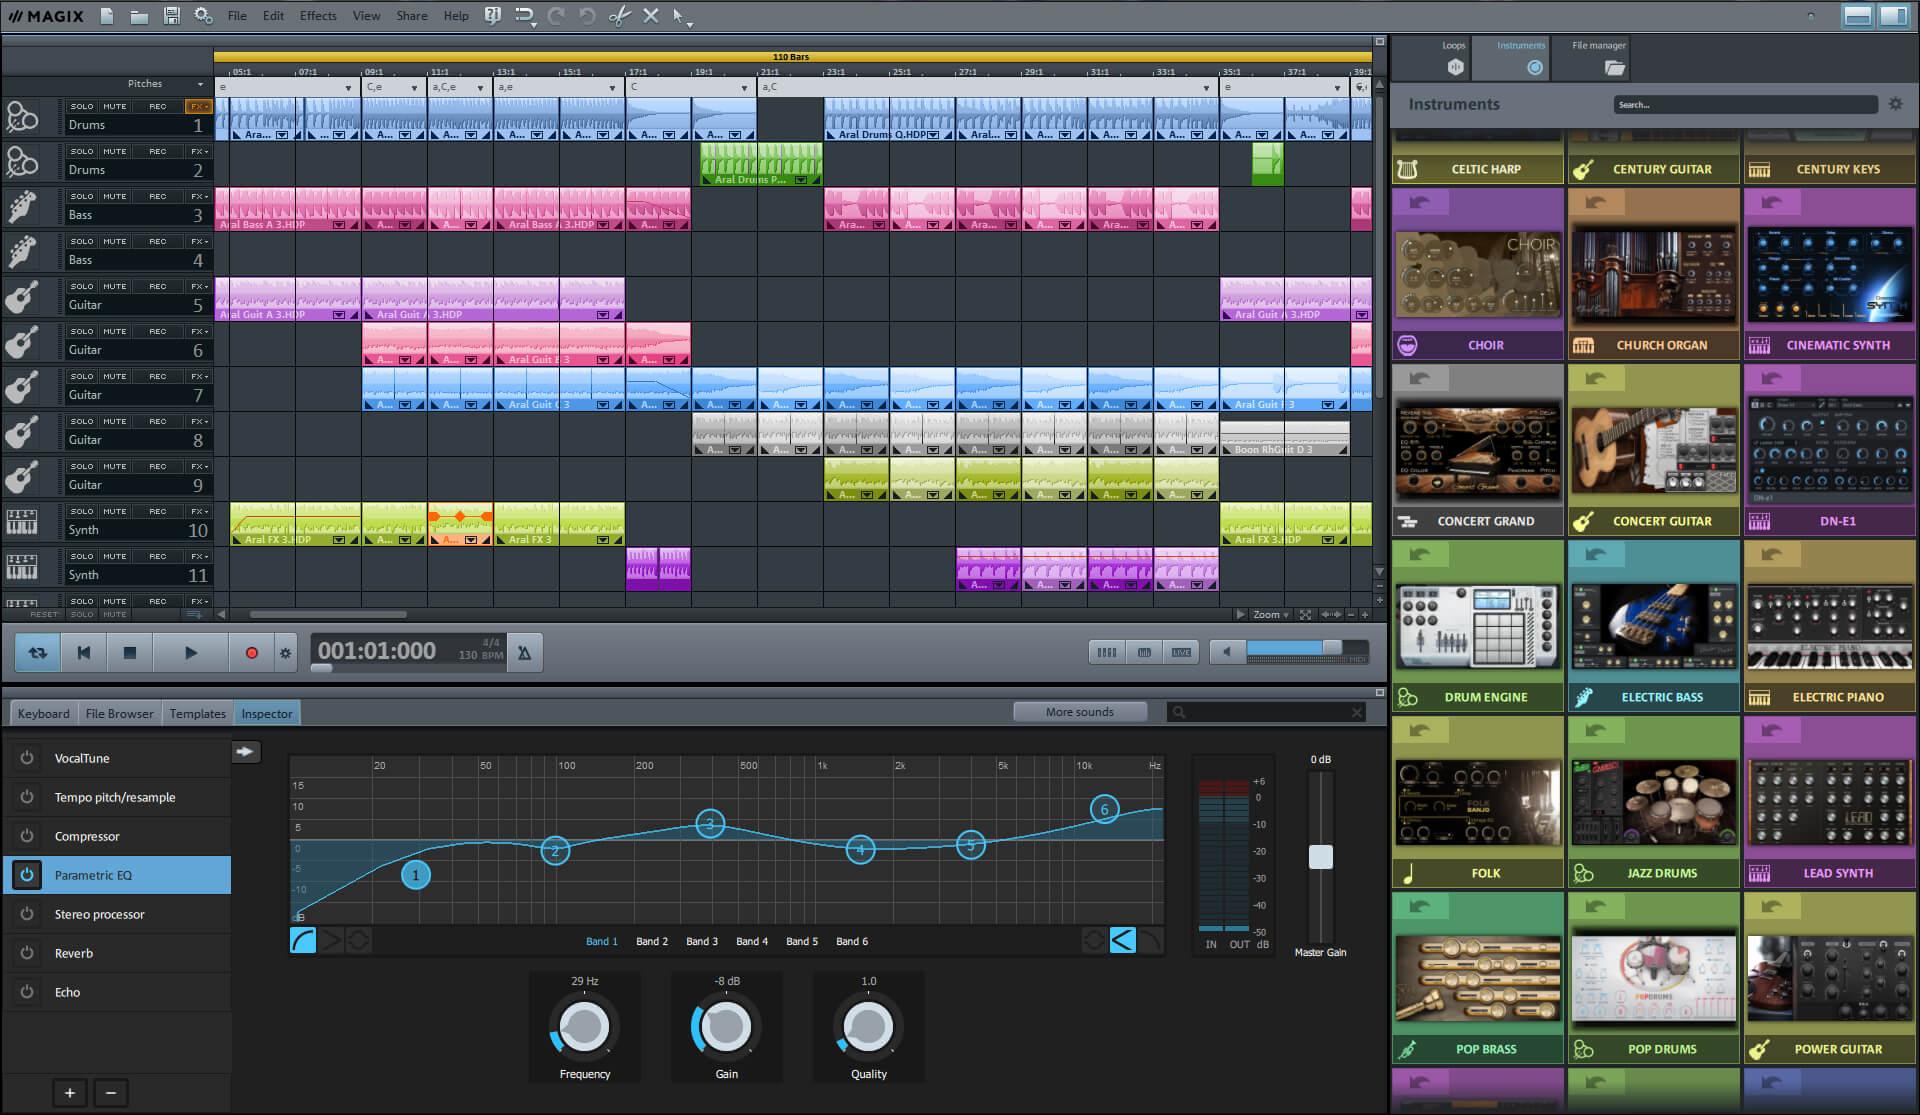 Magix Launhces New Music Maker Software